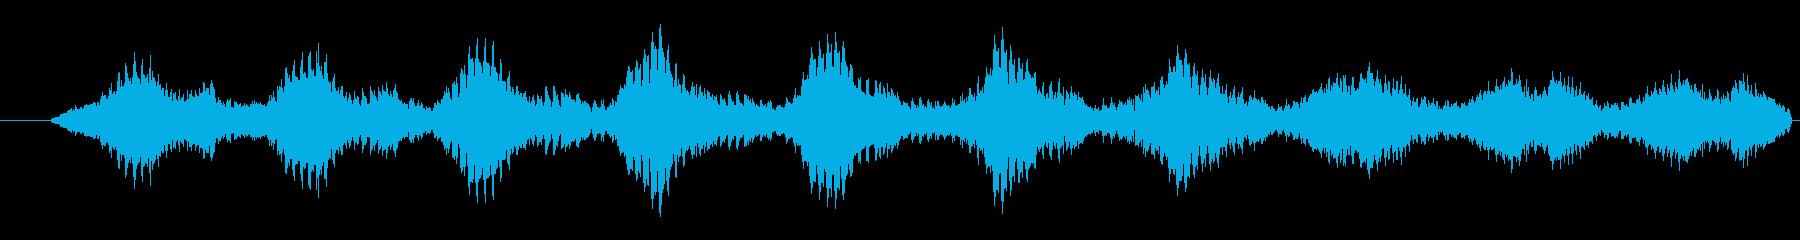 フィクション スペース 宇宙船アラ...の再生済みの波形